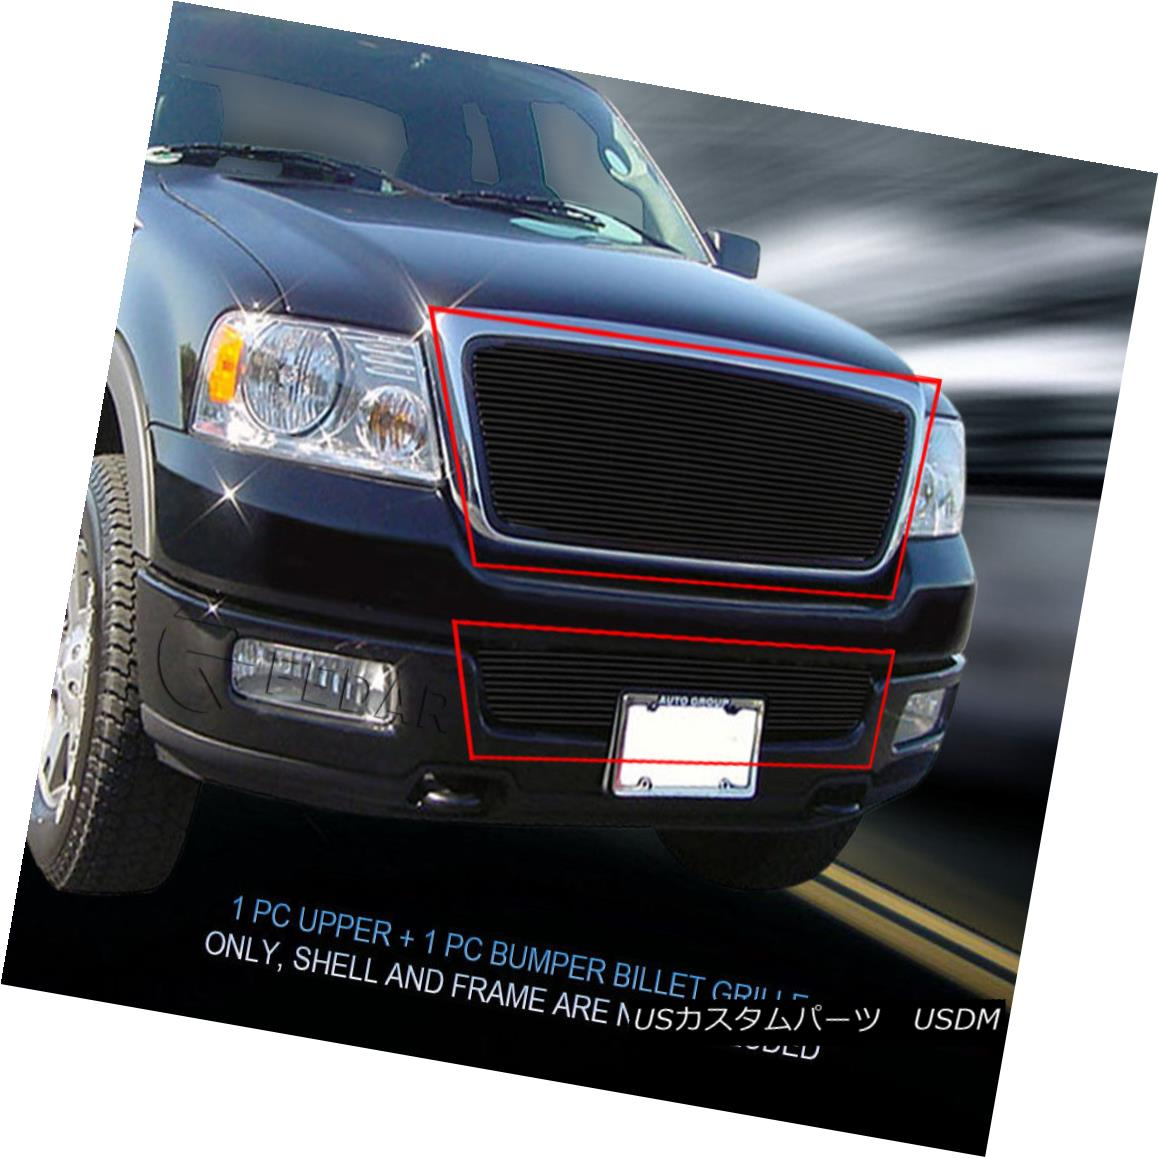 グリル Fedar Fits 2004-2005 Ford F-150 Black Billet Grille Combo Fedarは2004-2005年のFord F-150 Black Billet Grille Comboに合う